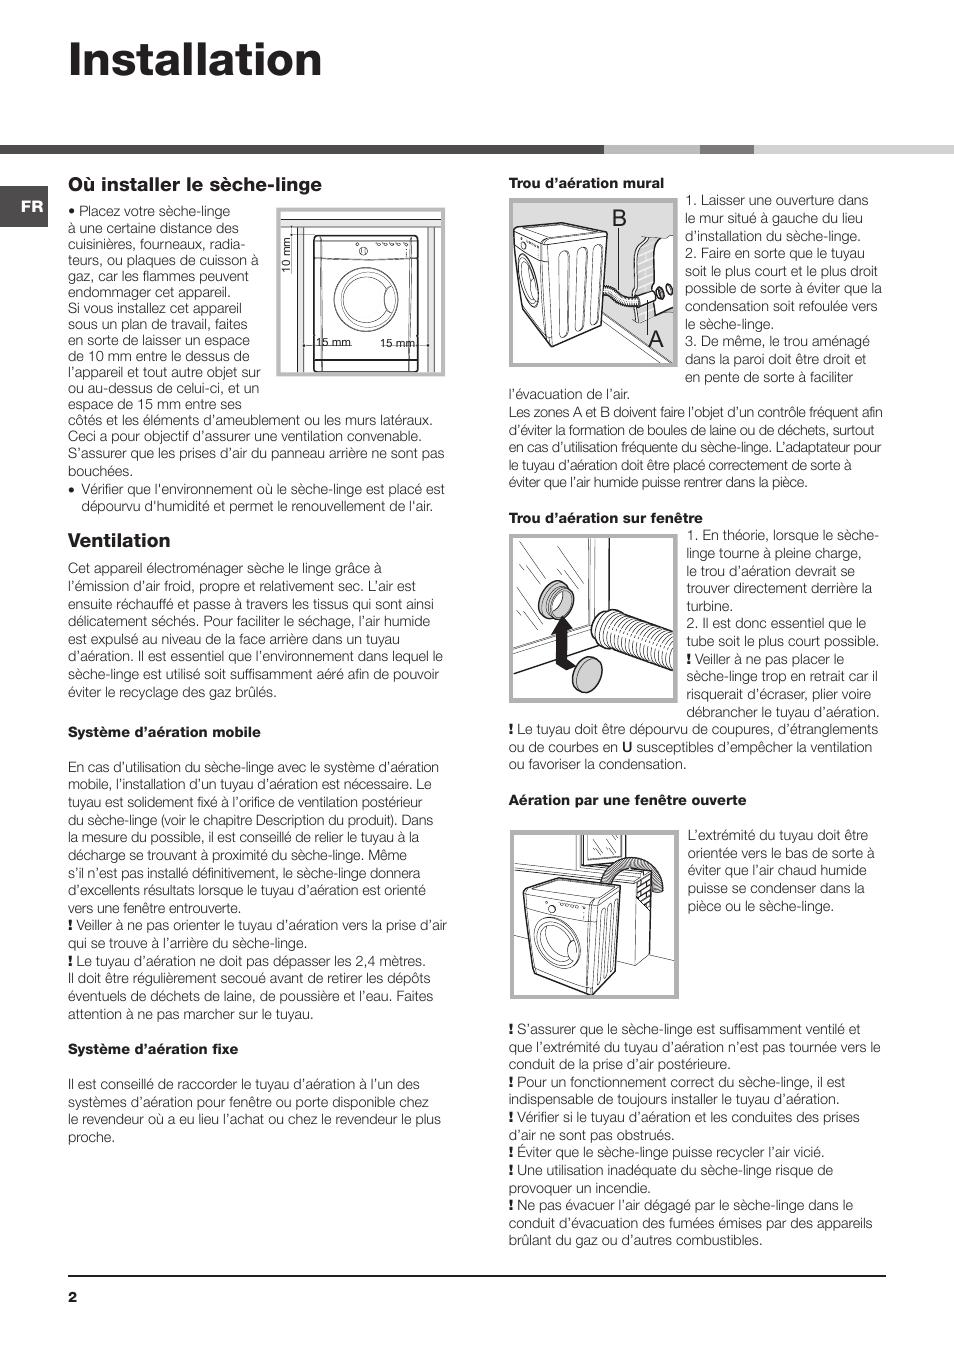 Installation Ou Installer Le Seche Linge Ventilation Indesit Idva 735 Fr Manuel D Utilisation Page 2 16 Mode Original